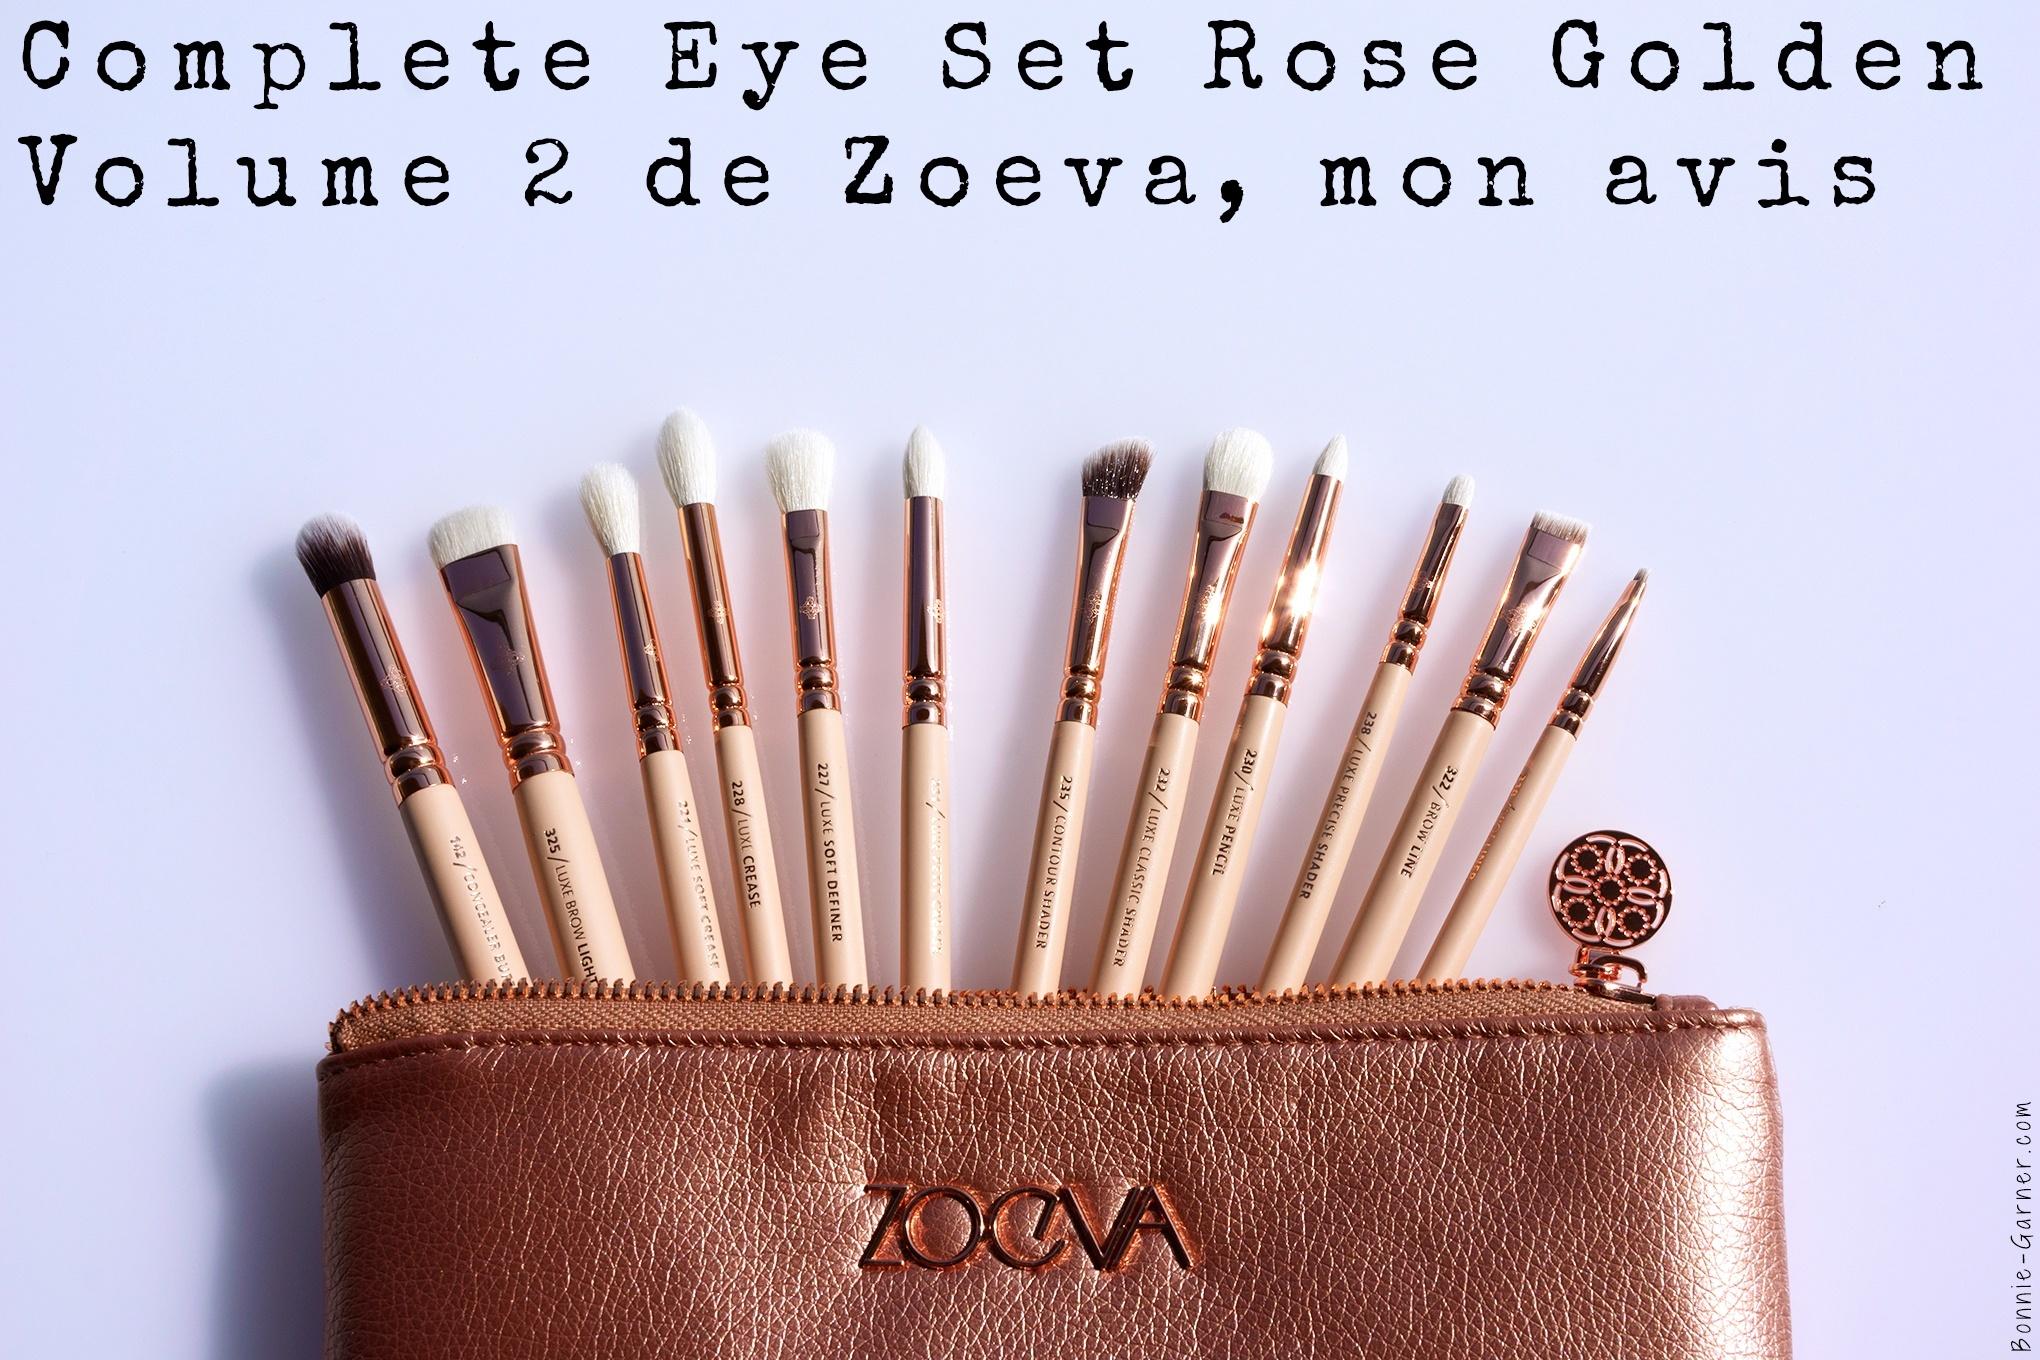 Zoeva Rose Golden Luxury Complete Eye Set Volume 2 brushes mon avis